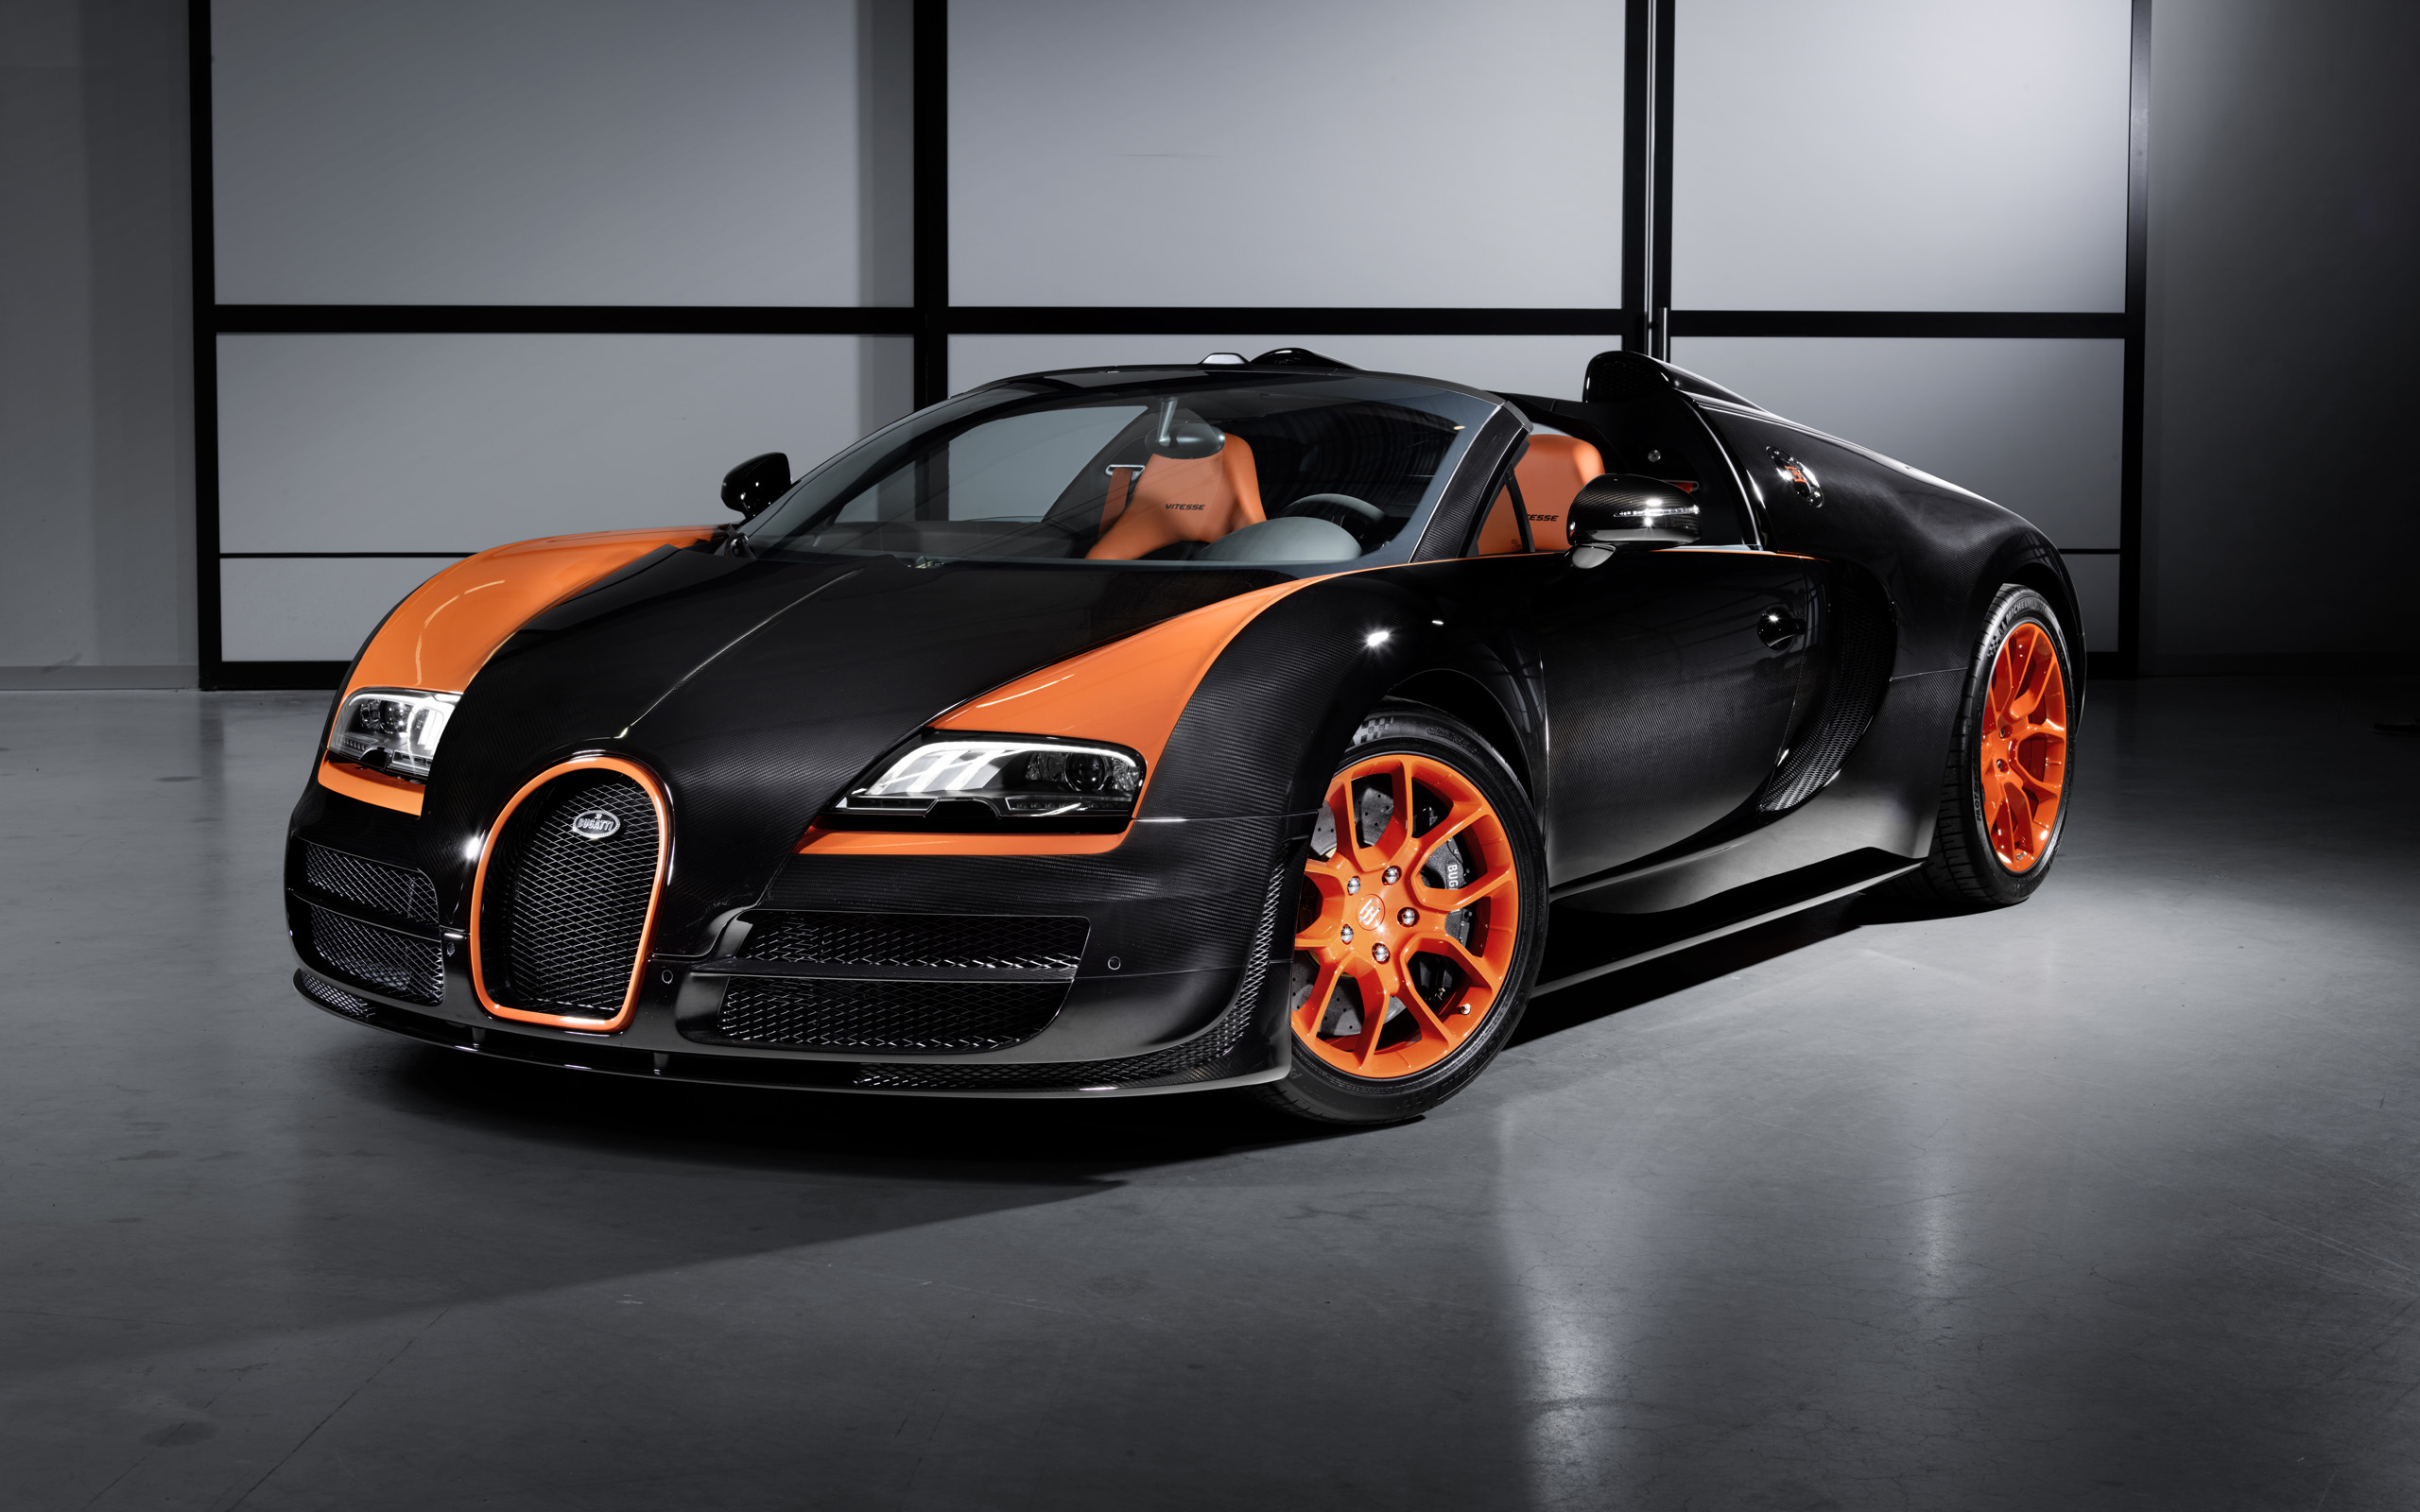 2013 Bugatti Veyron 16 4 Grand Sport Vitesse